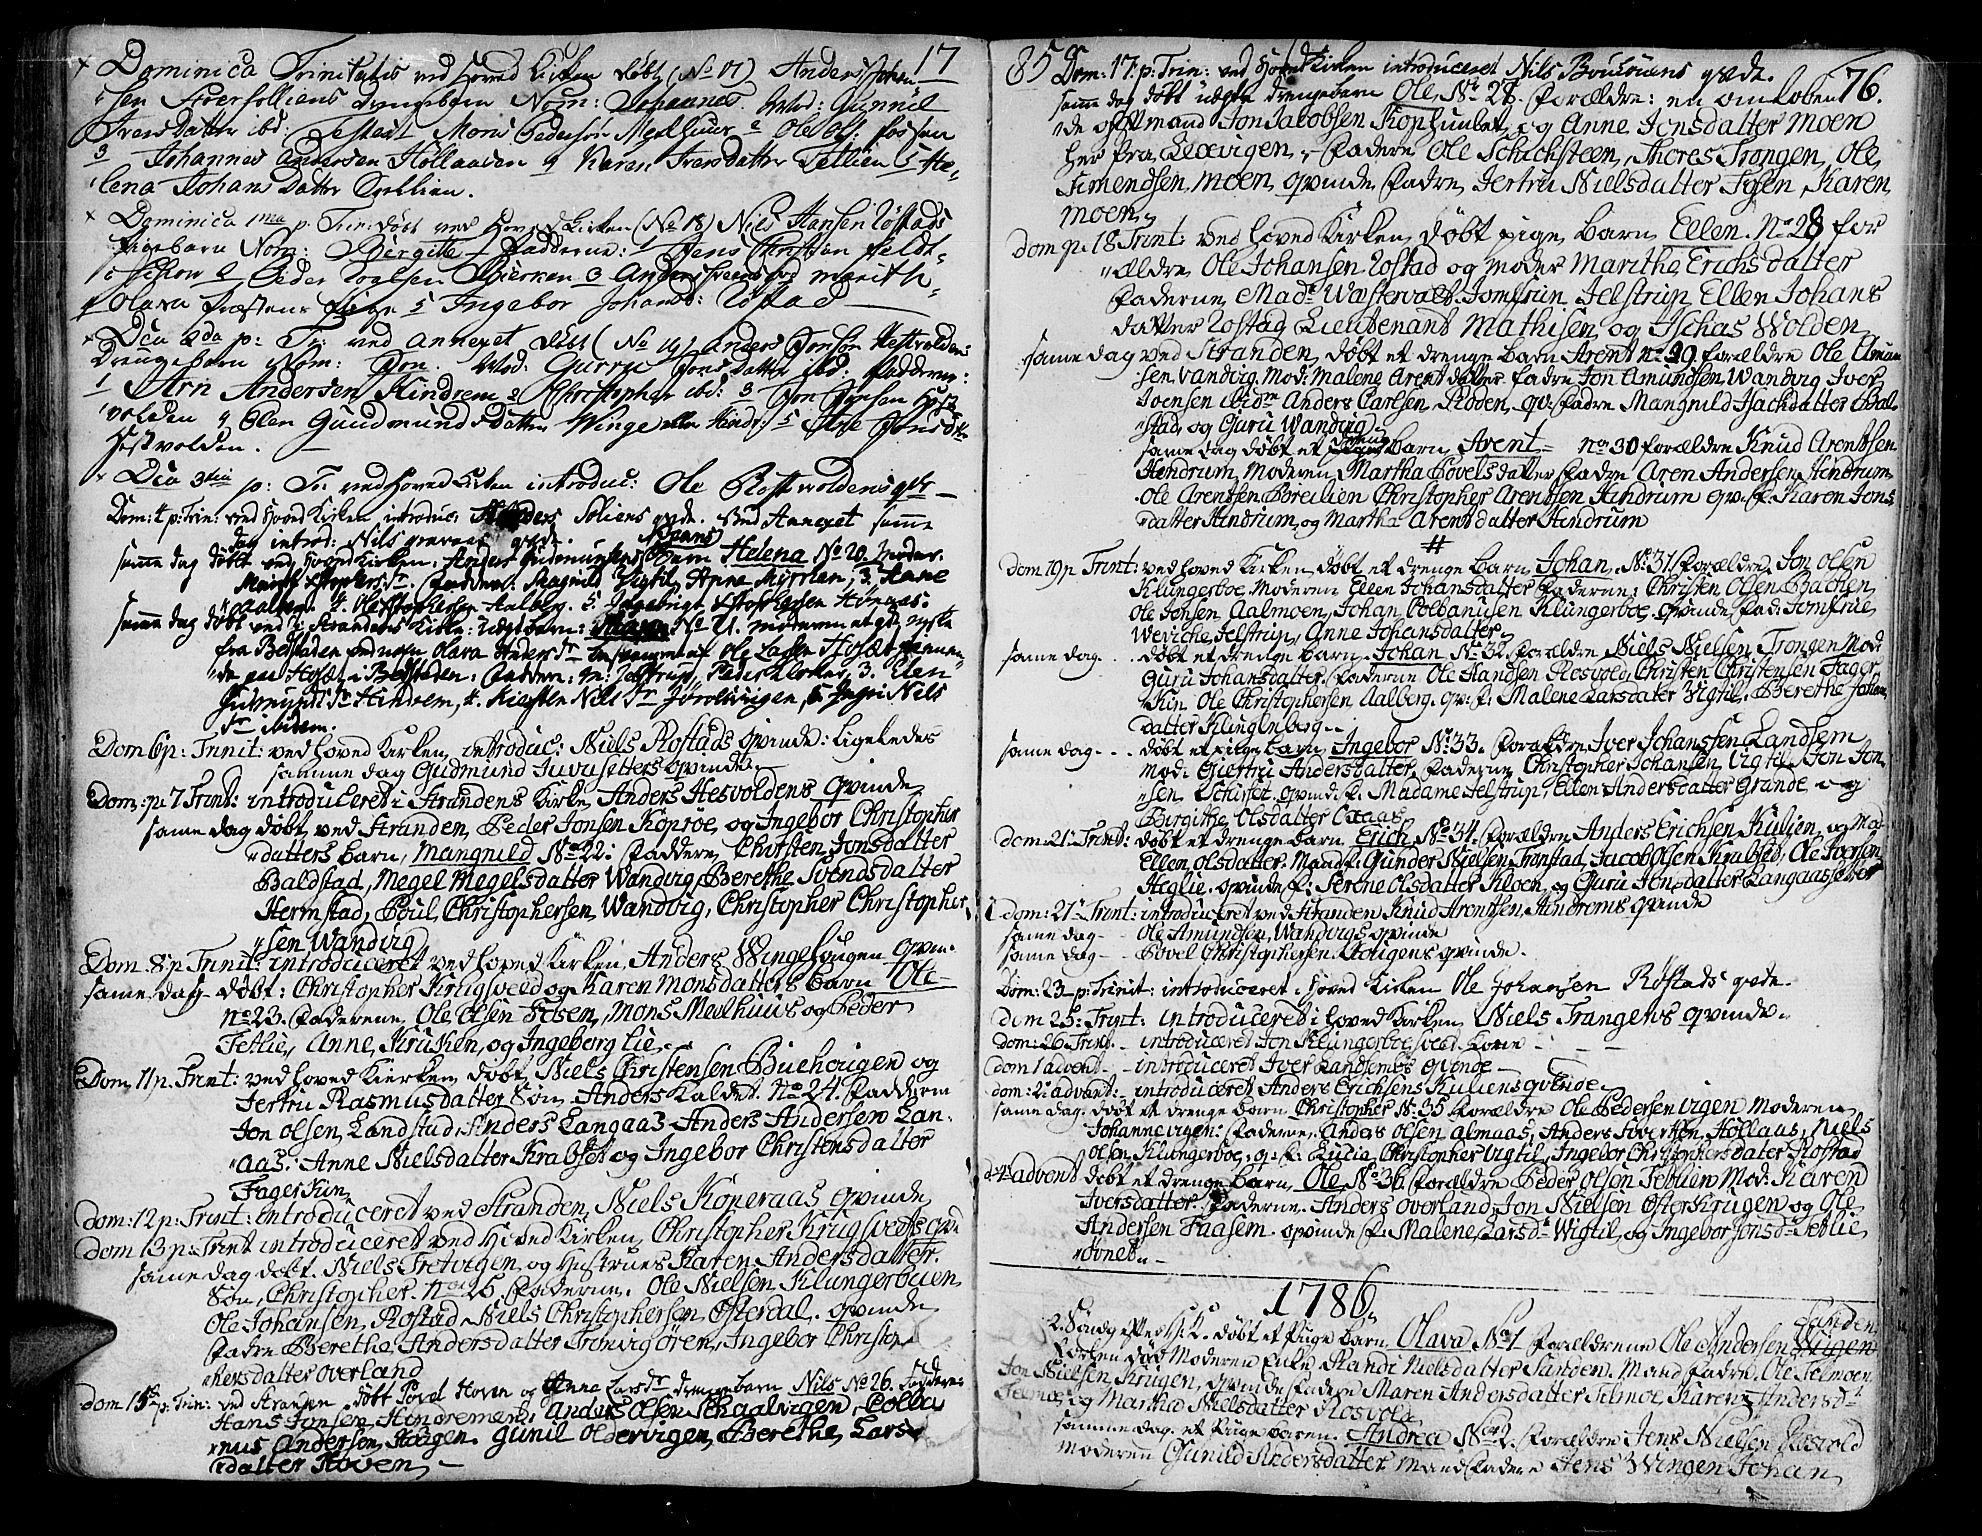 SAT, Ministerialprotokoller, klokkerbøker og fødselsregistre - Nord-Trøndelag, 701/L0004: Ministerialbok nr. 701A04, 1783-1816, s. 76